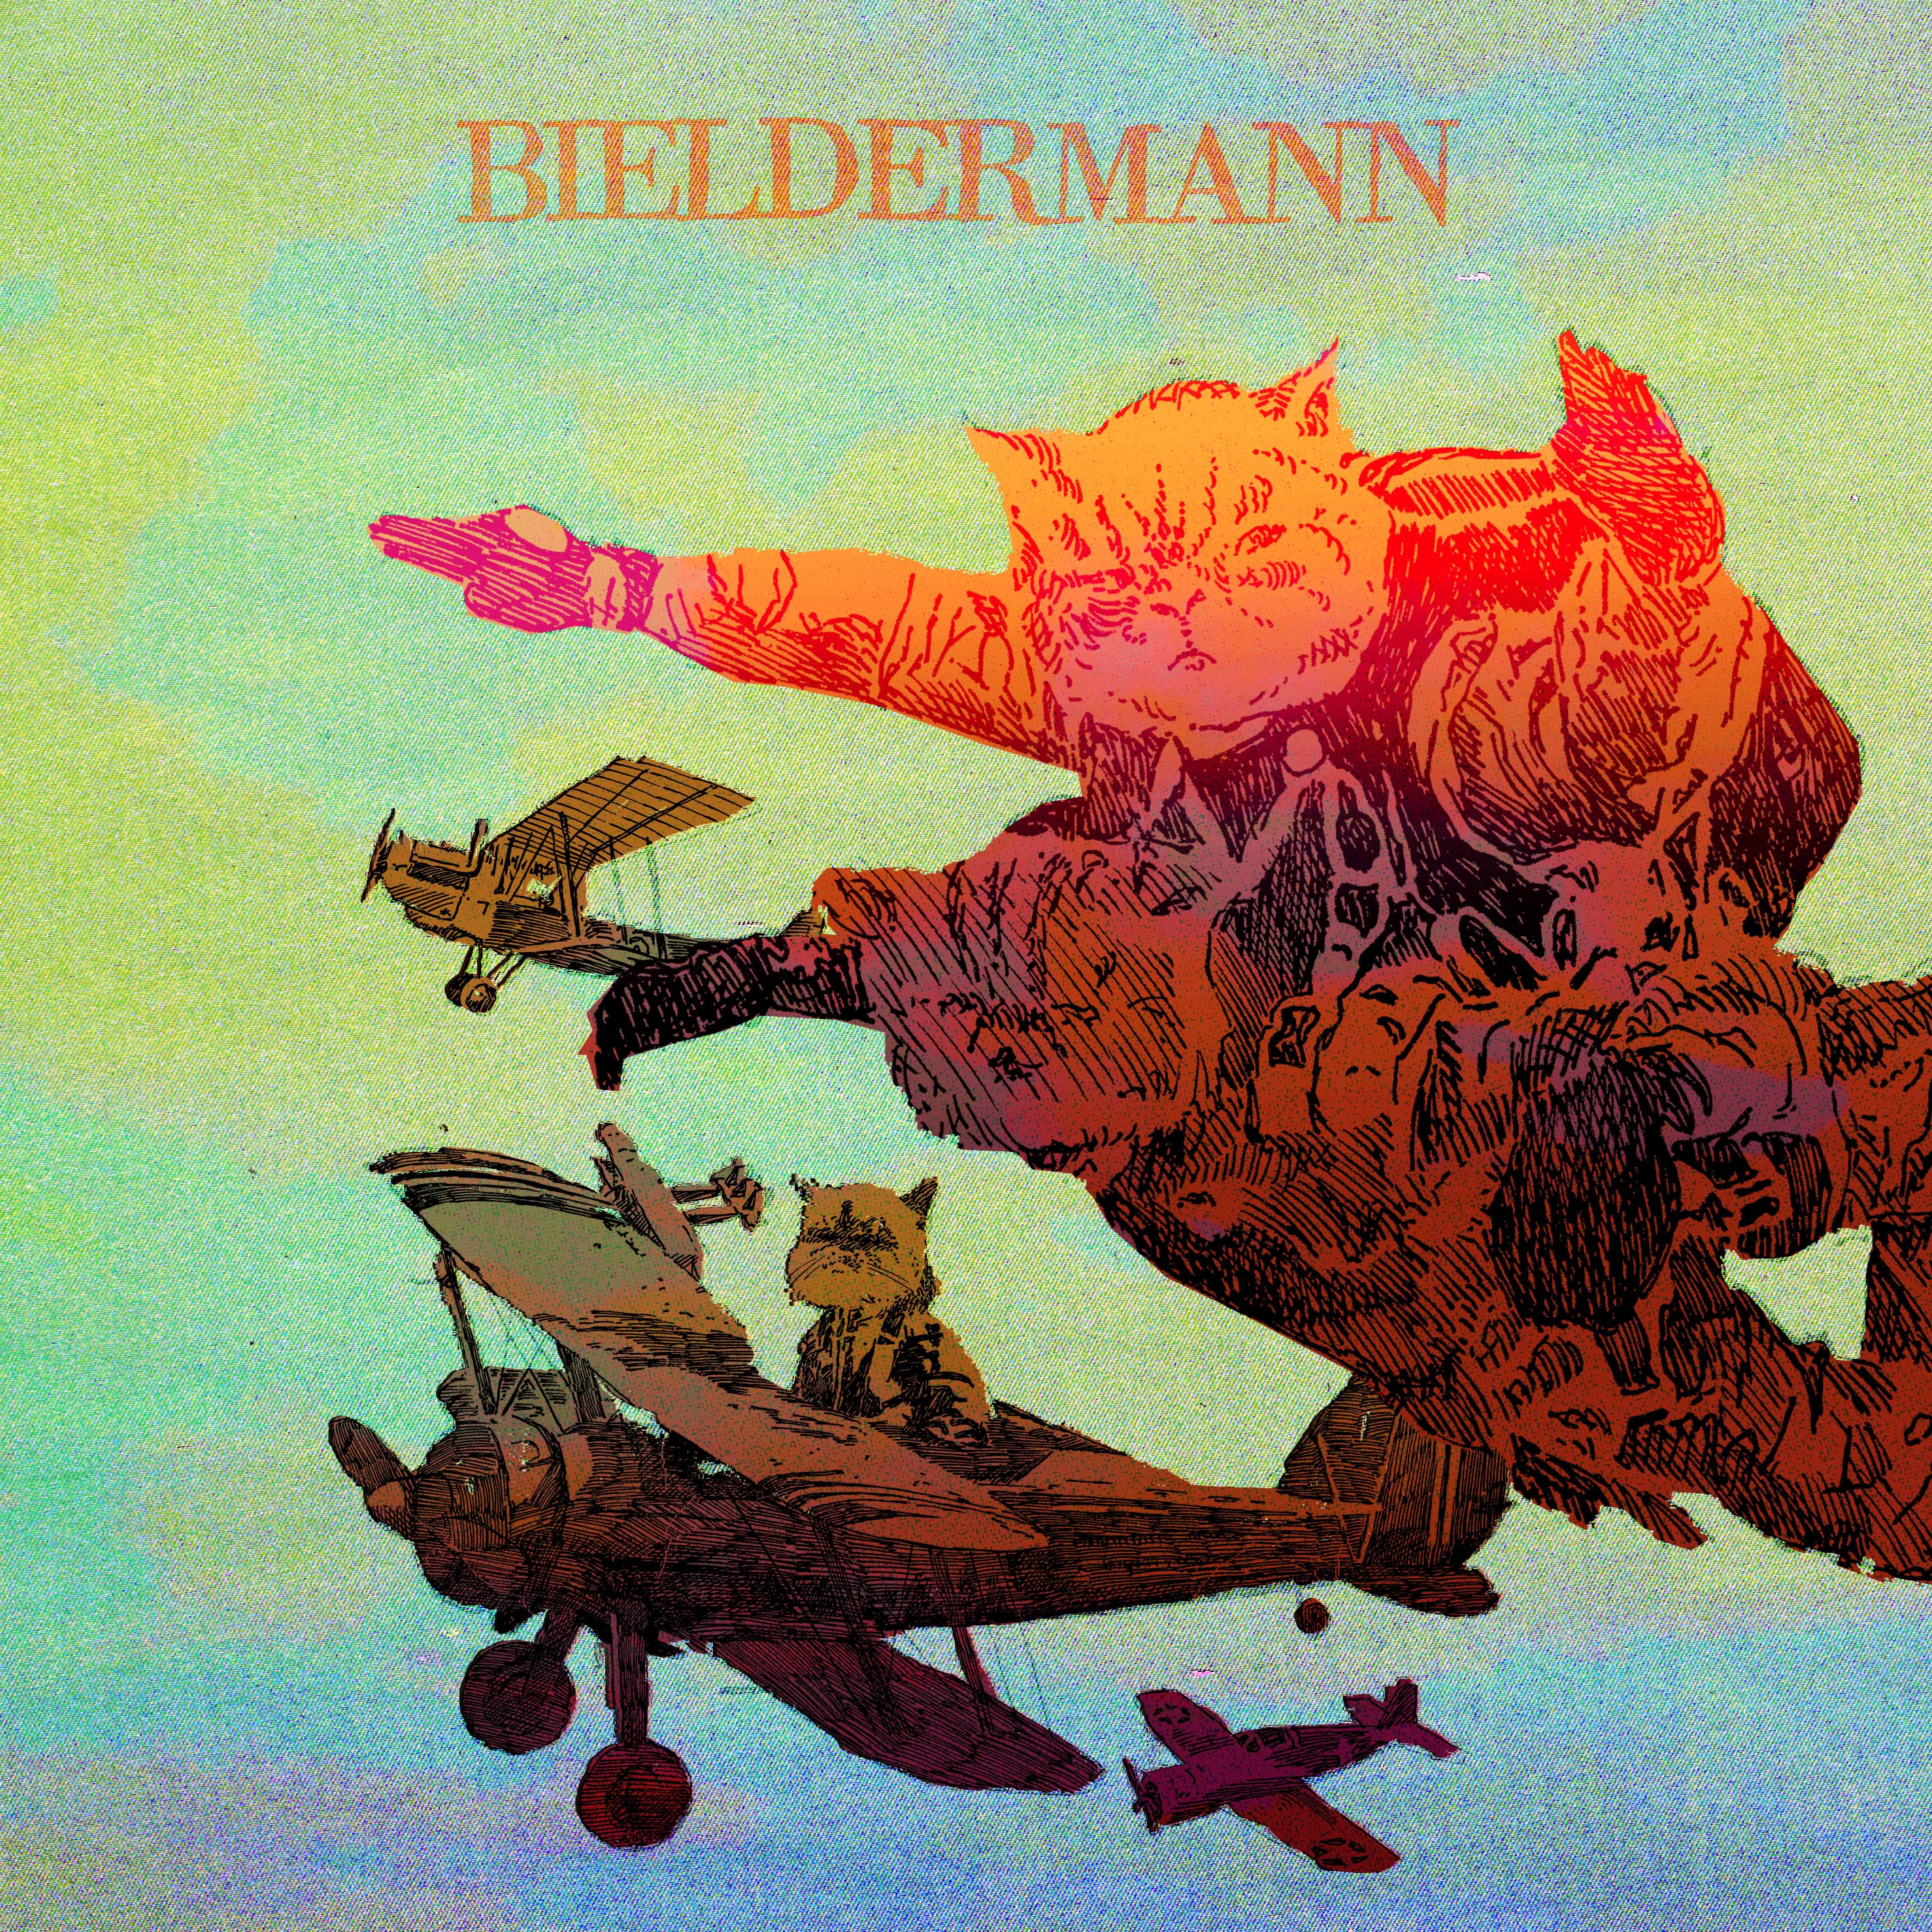 Bieldermann